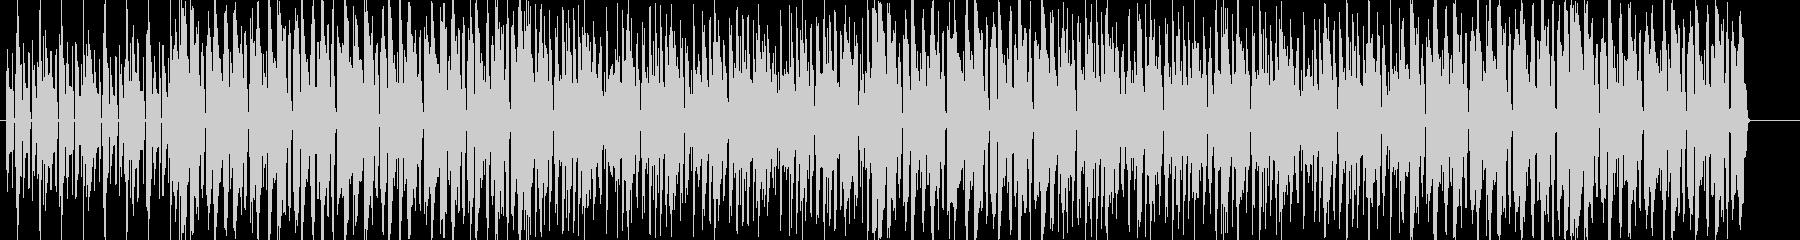 無機質・淡々で怪しげなエレクトロニカの未再生の波形